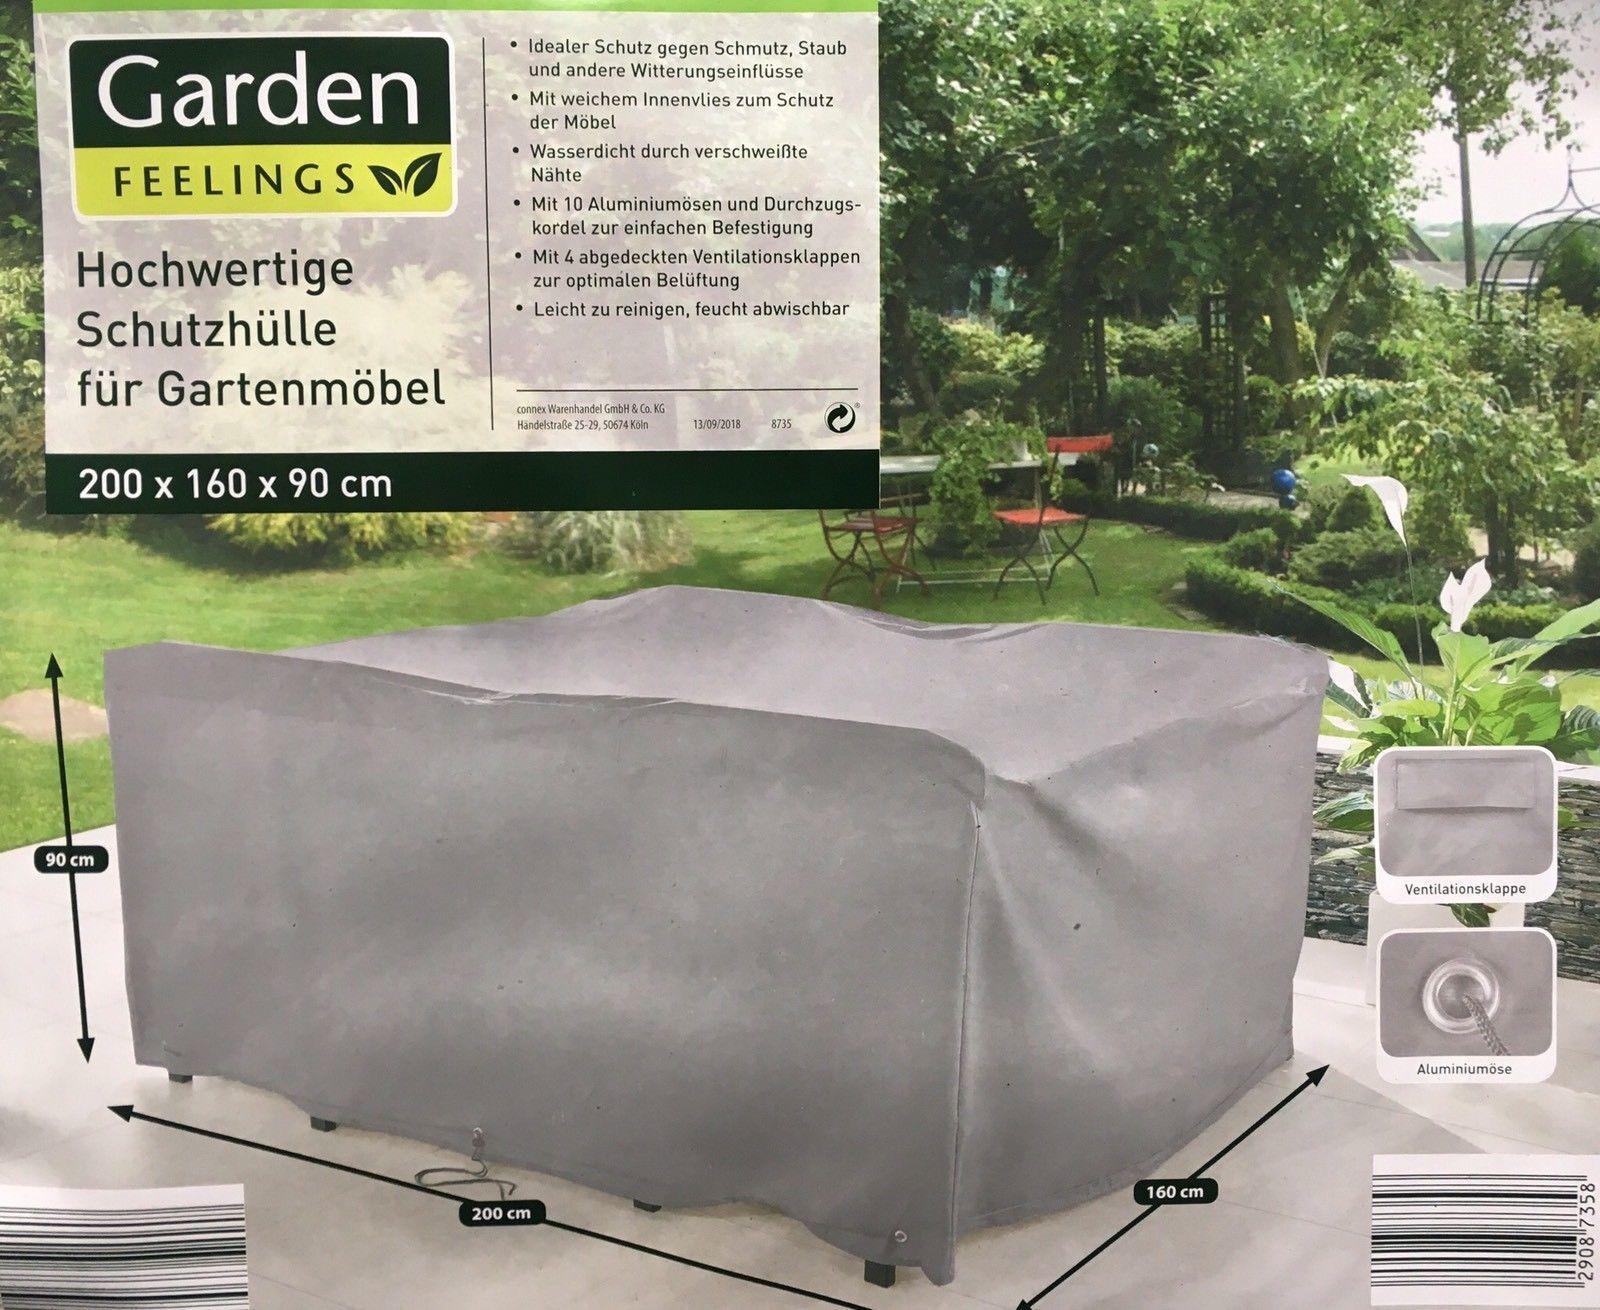 Garden Feelings Gartentisch Garden Feelings Gartenmöbel Yct Projekte